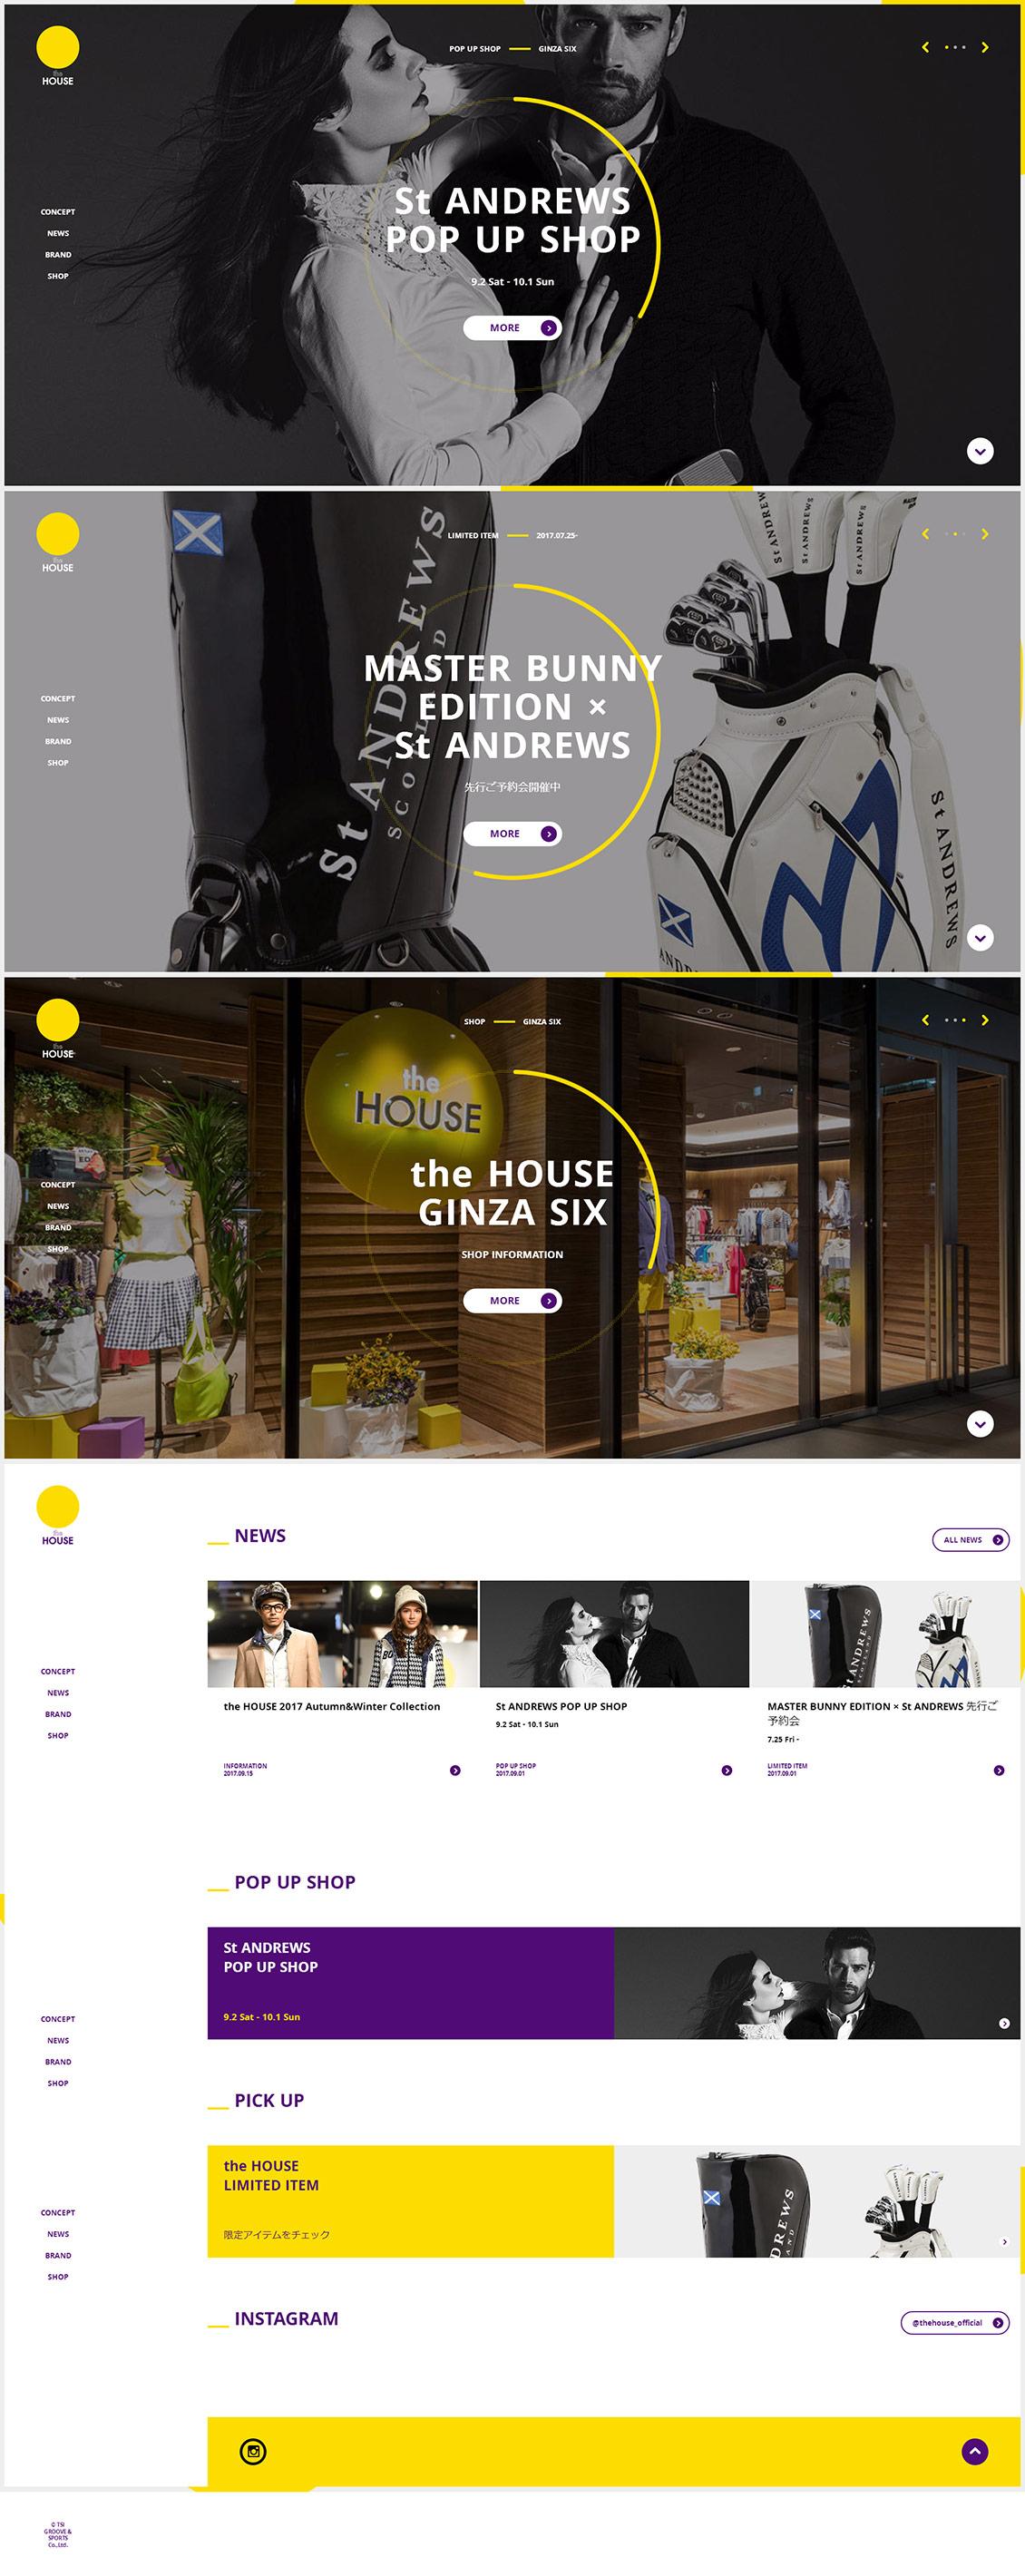 国外the HOUSE时尚服饰网站设计欣赏